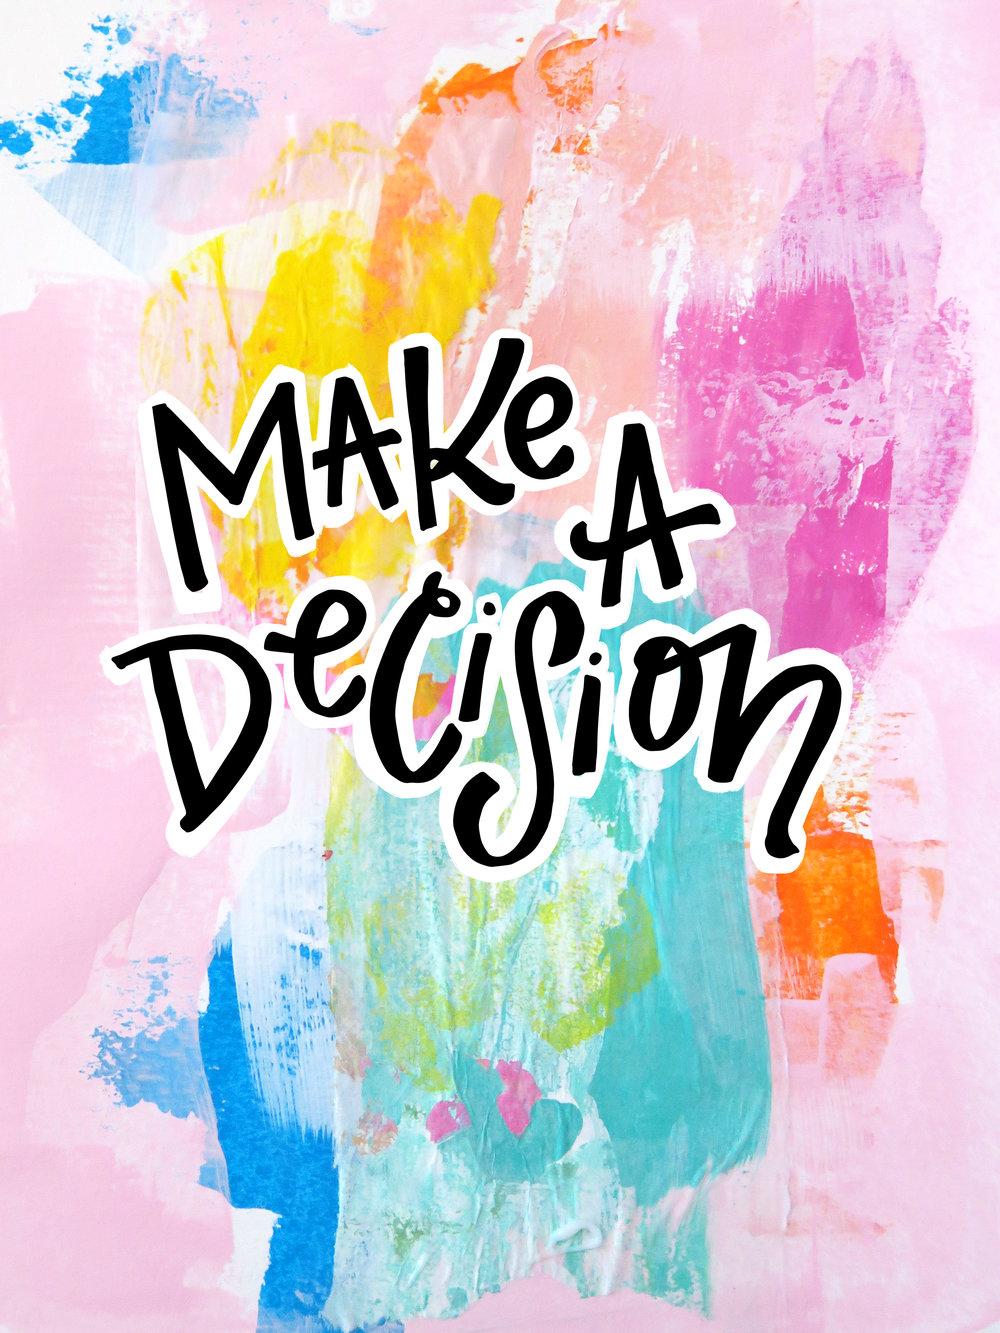 8/6/16: Decision